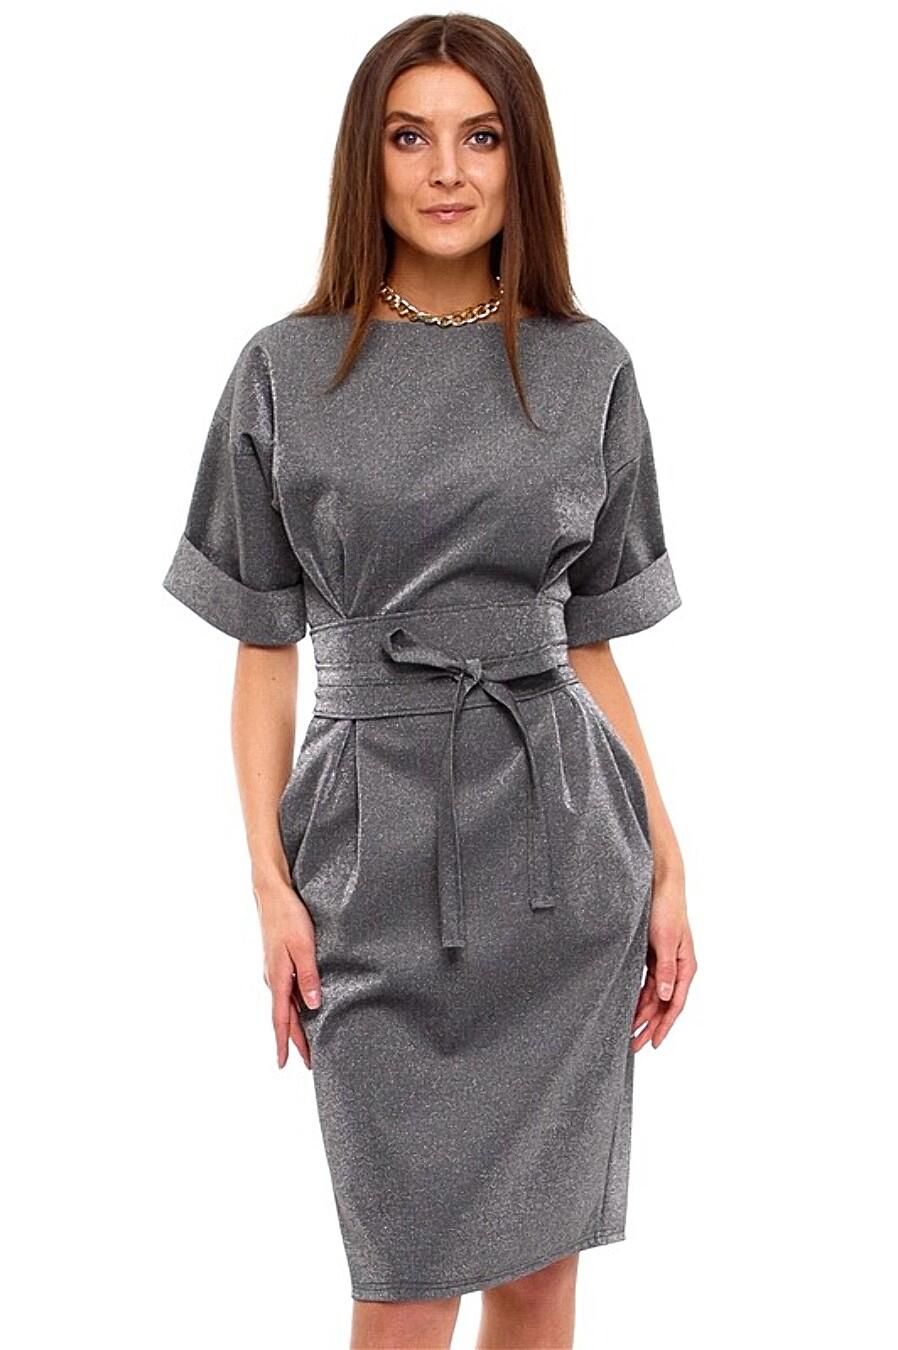 Платье для женщин Archi 334889 купить оптом от производителя. Совместная покупка женской одежды в OptMoyo